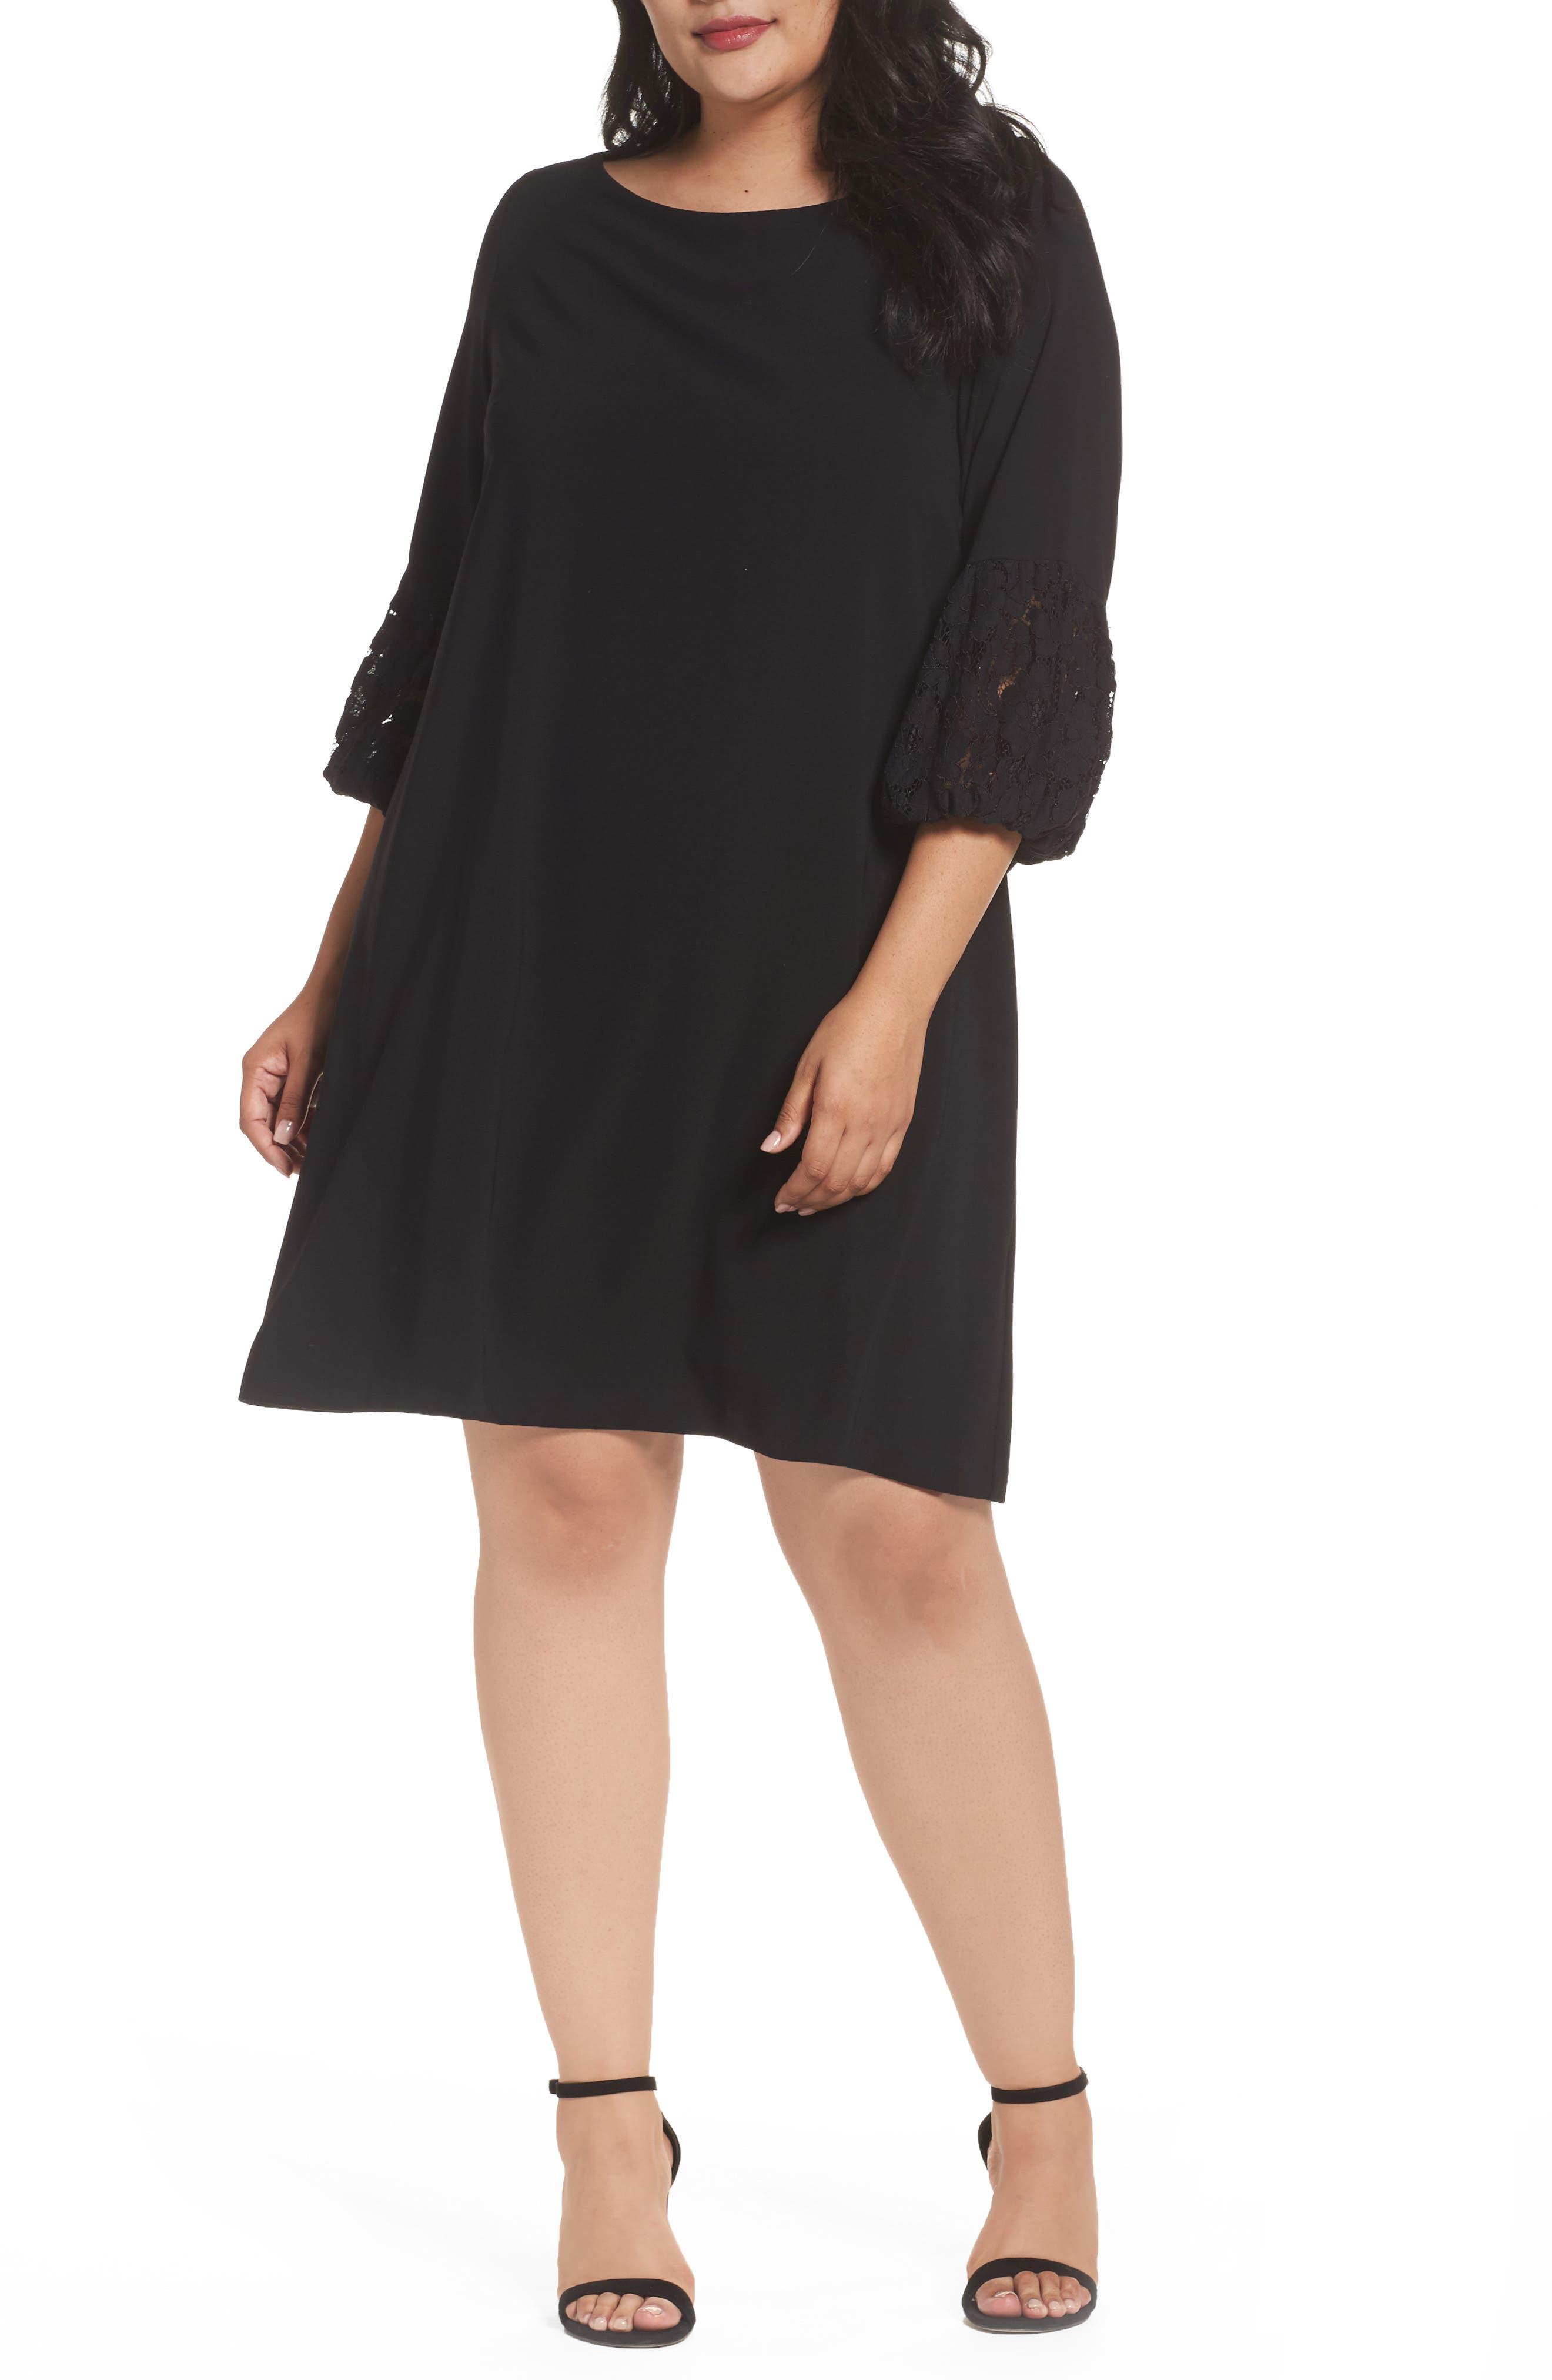 Main Image - Gabby Skye Lace Sleeve Trapeze Dress (Plus Size)